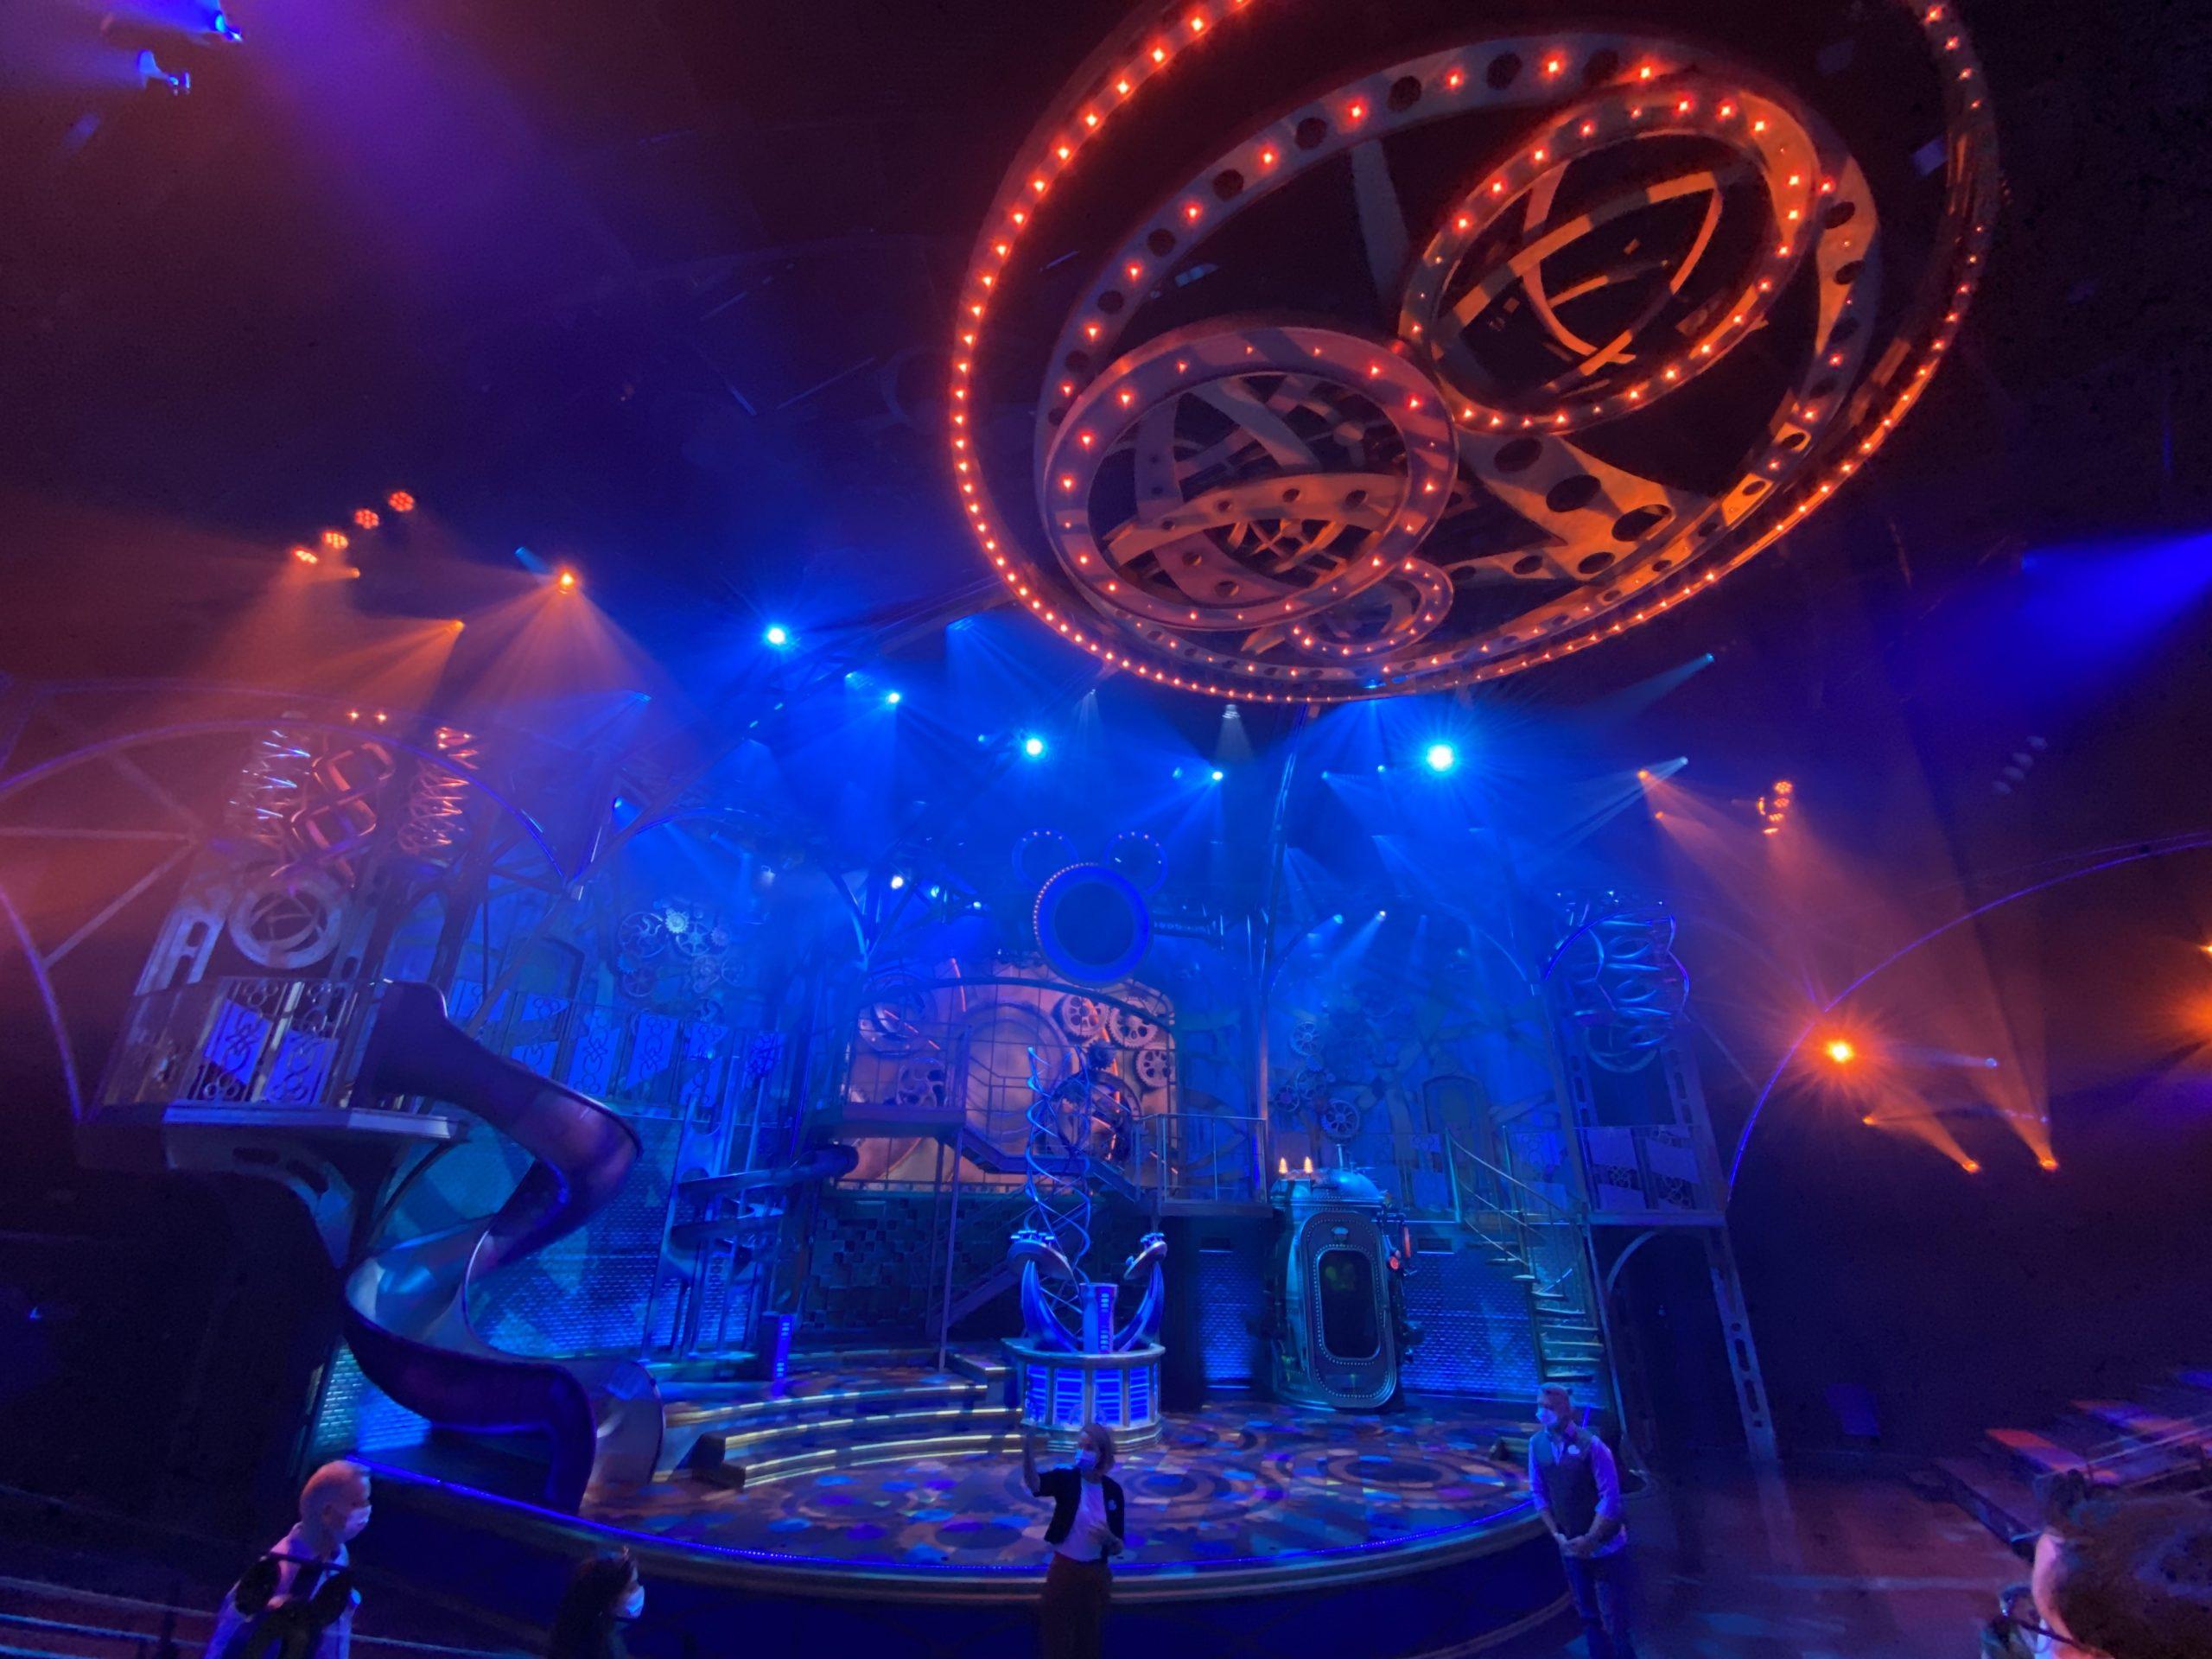 studio d fabrique des reves disney walt disney studios nouveau spectacle disneyland paris